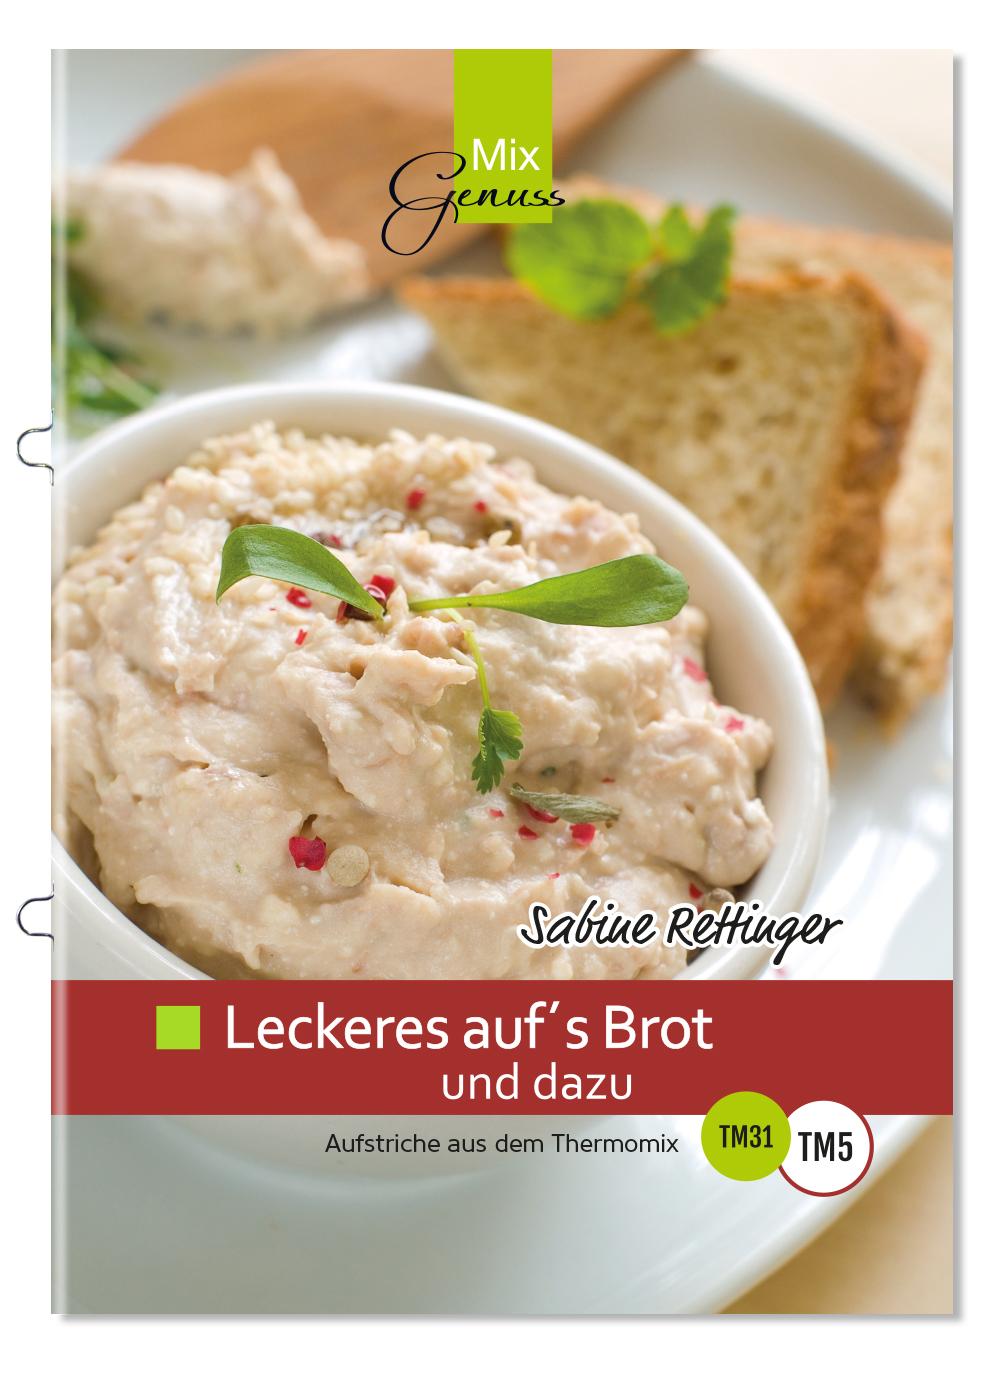 Leckeres auf´s Brot und dazu Sabine Rettinger